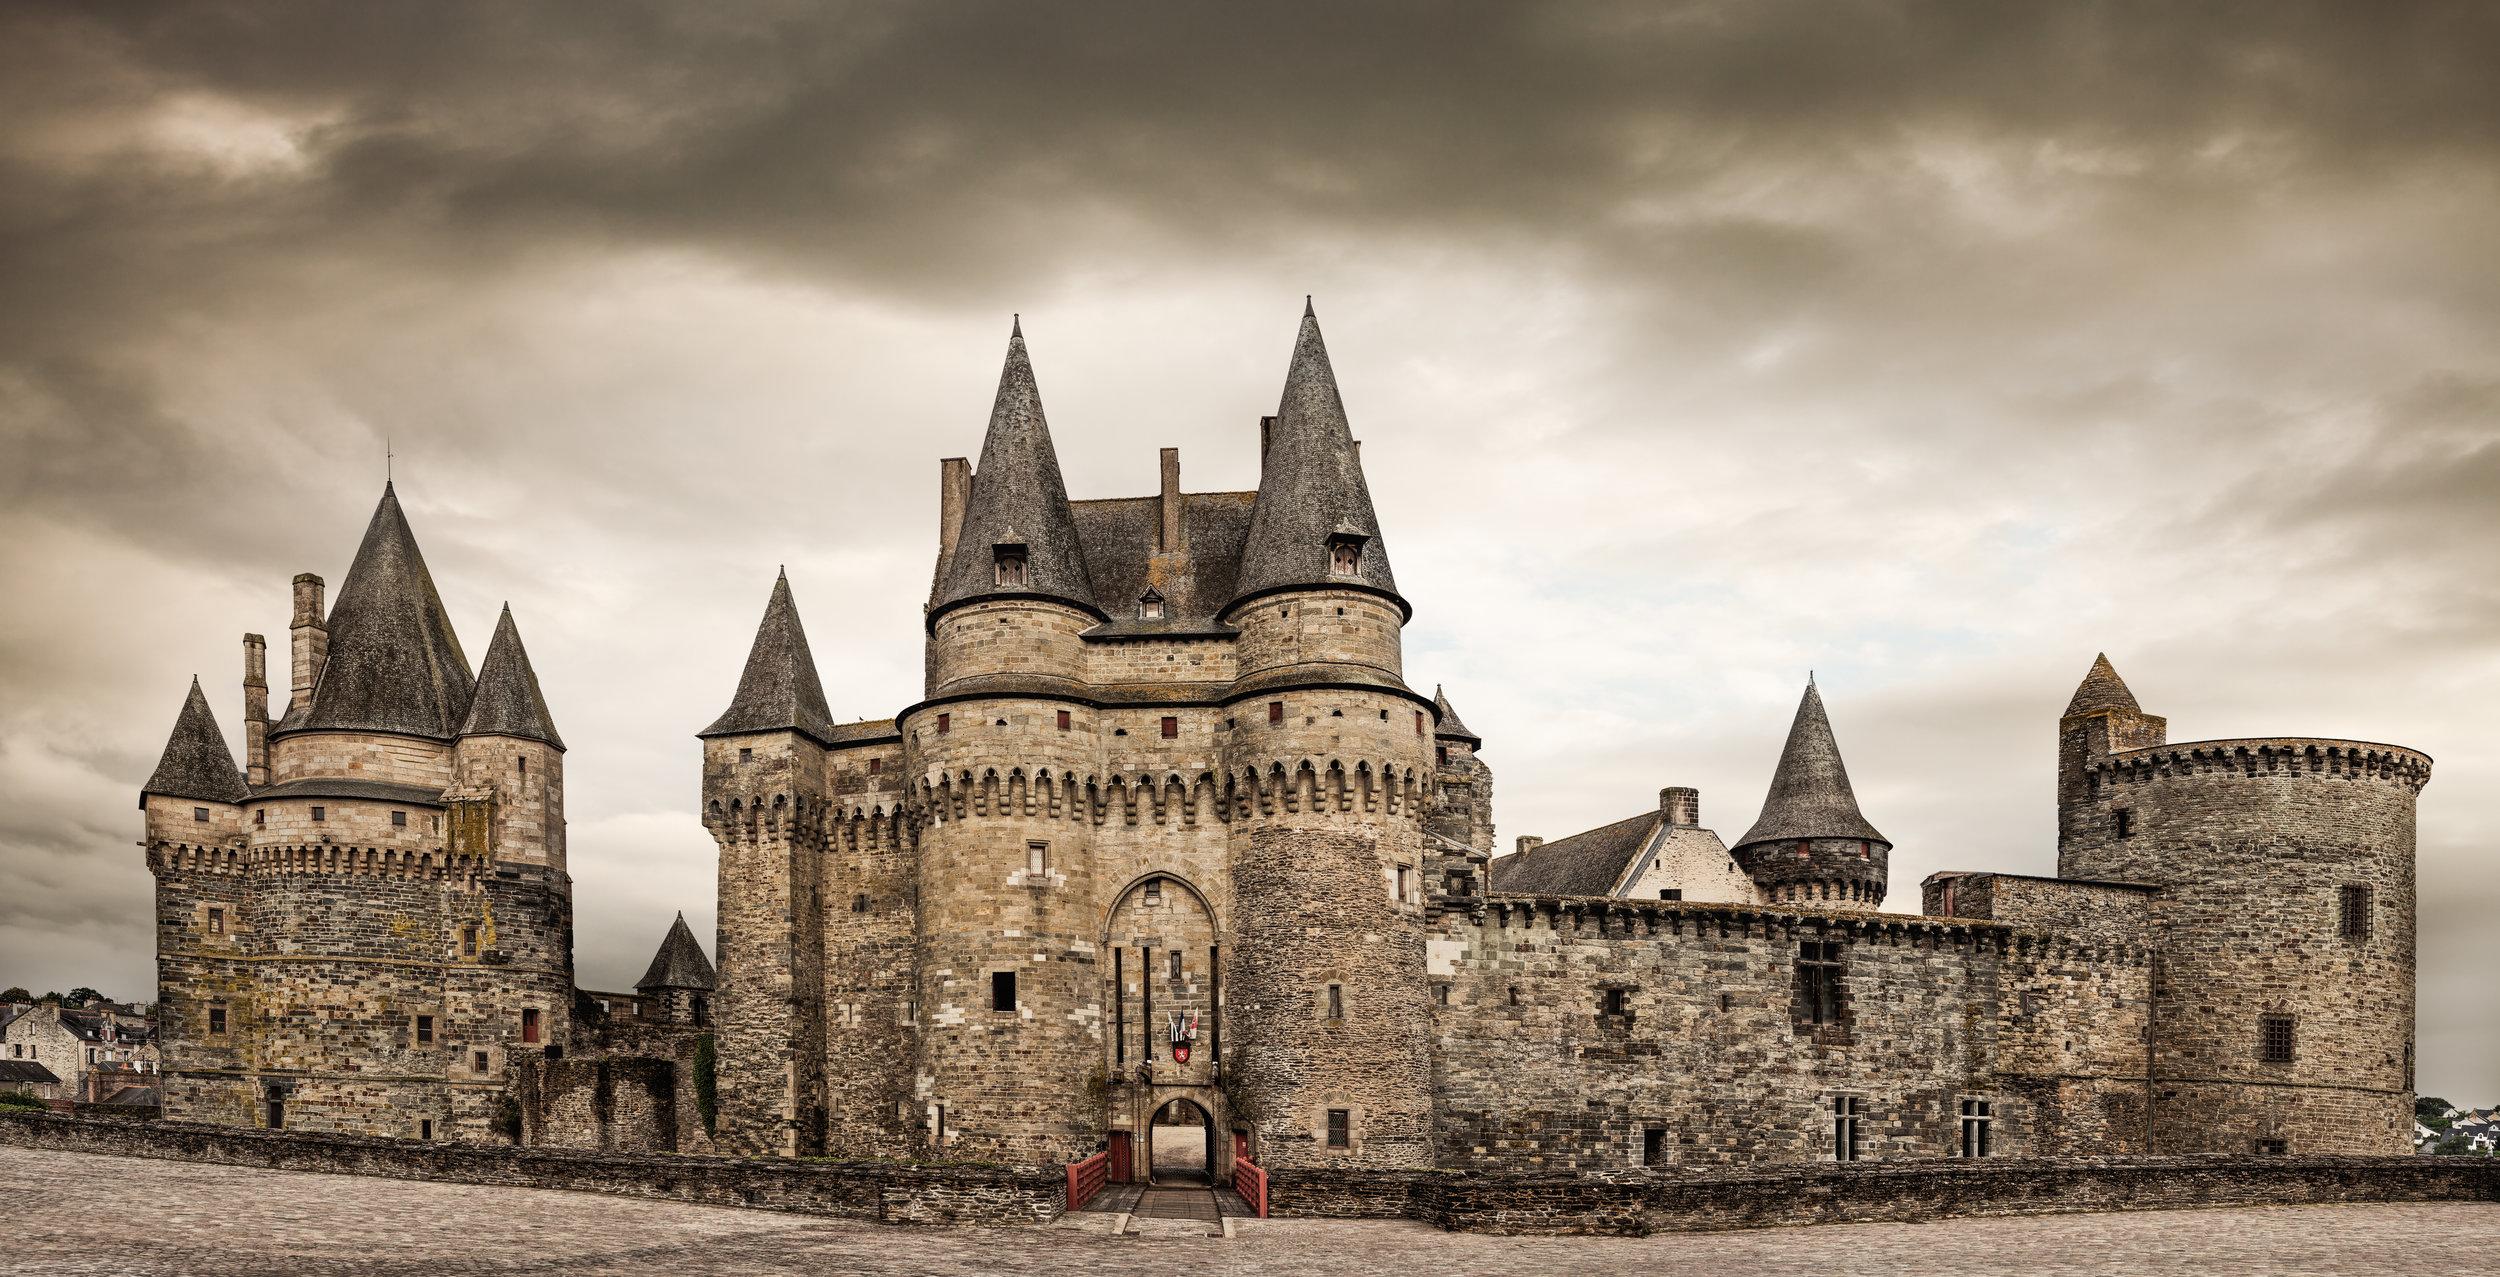 Chateau de Vitre, France